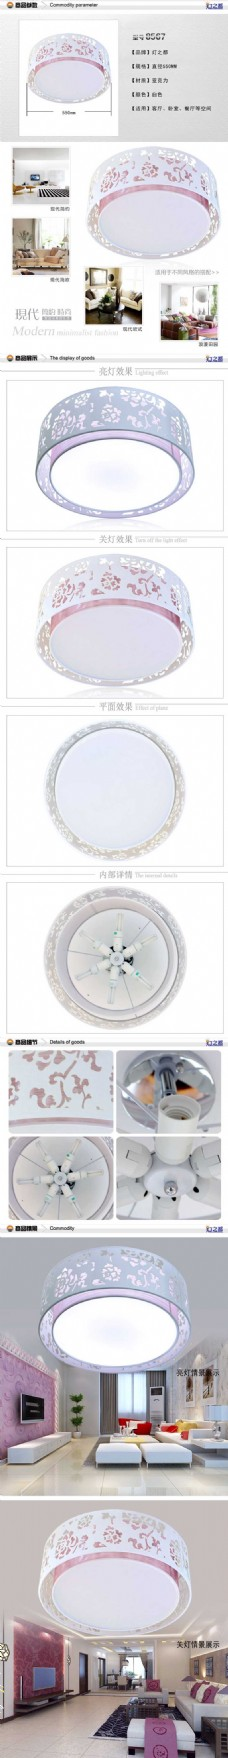 时尚白色吸顶灯-灯具描述